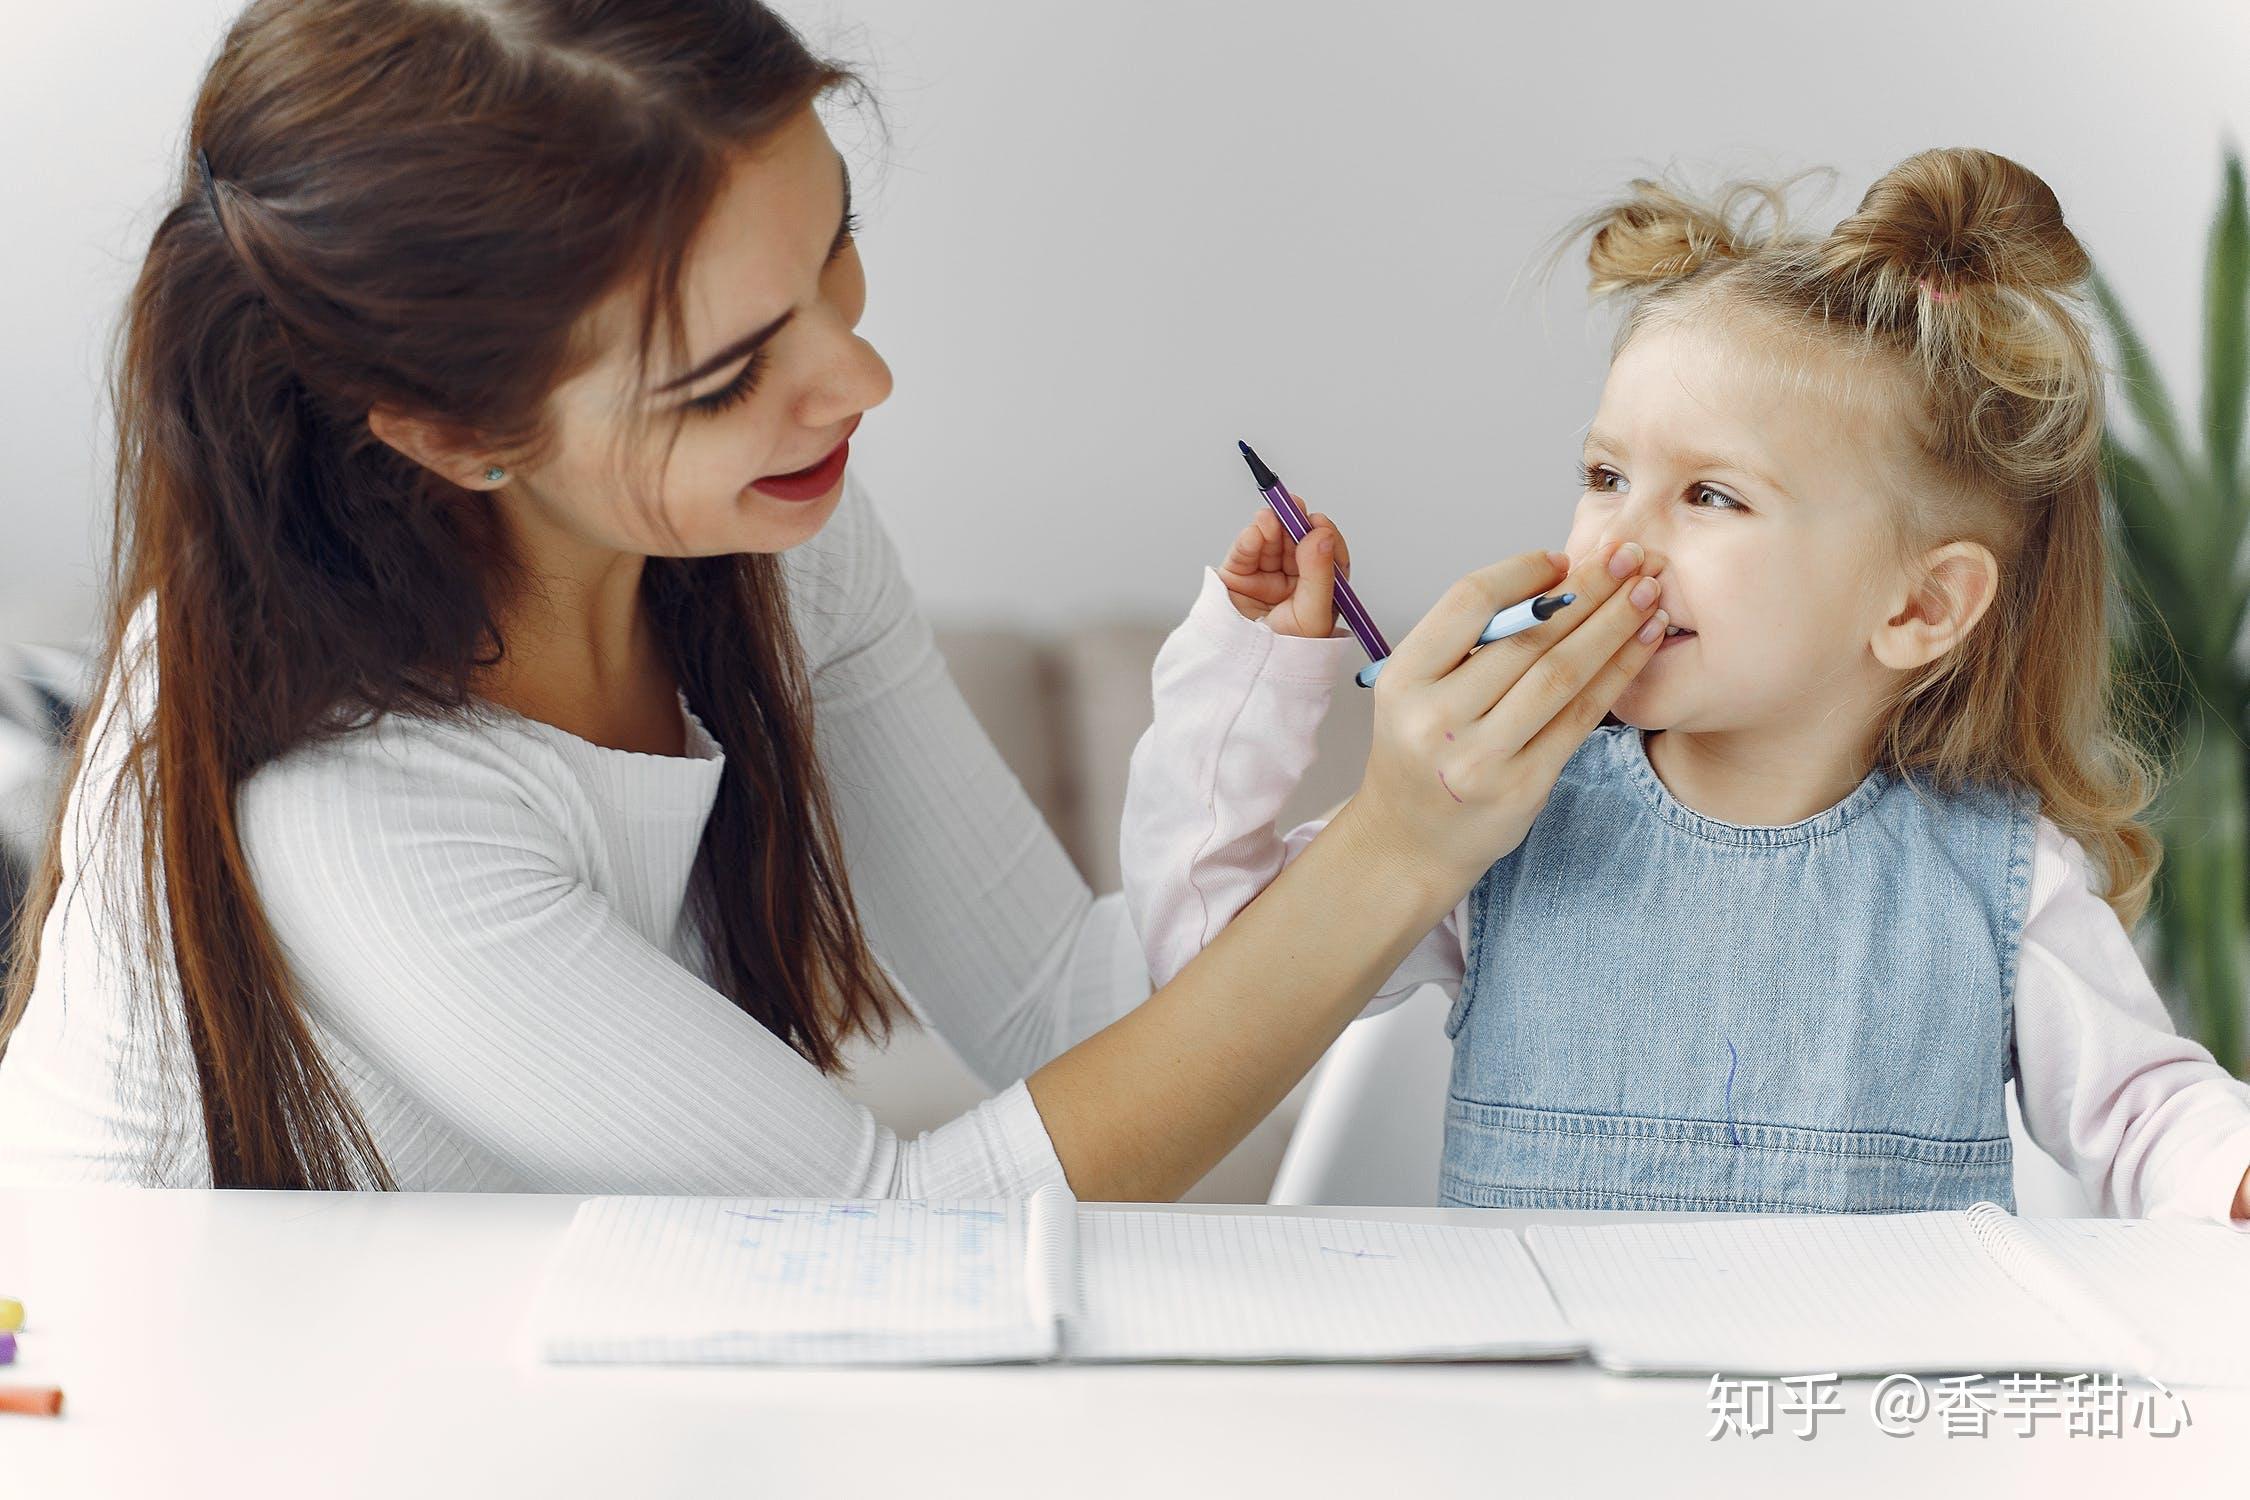 检查肝功能要多少钱_做试管婴儿要花多少钱? - 知乎